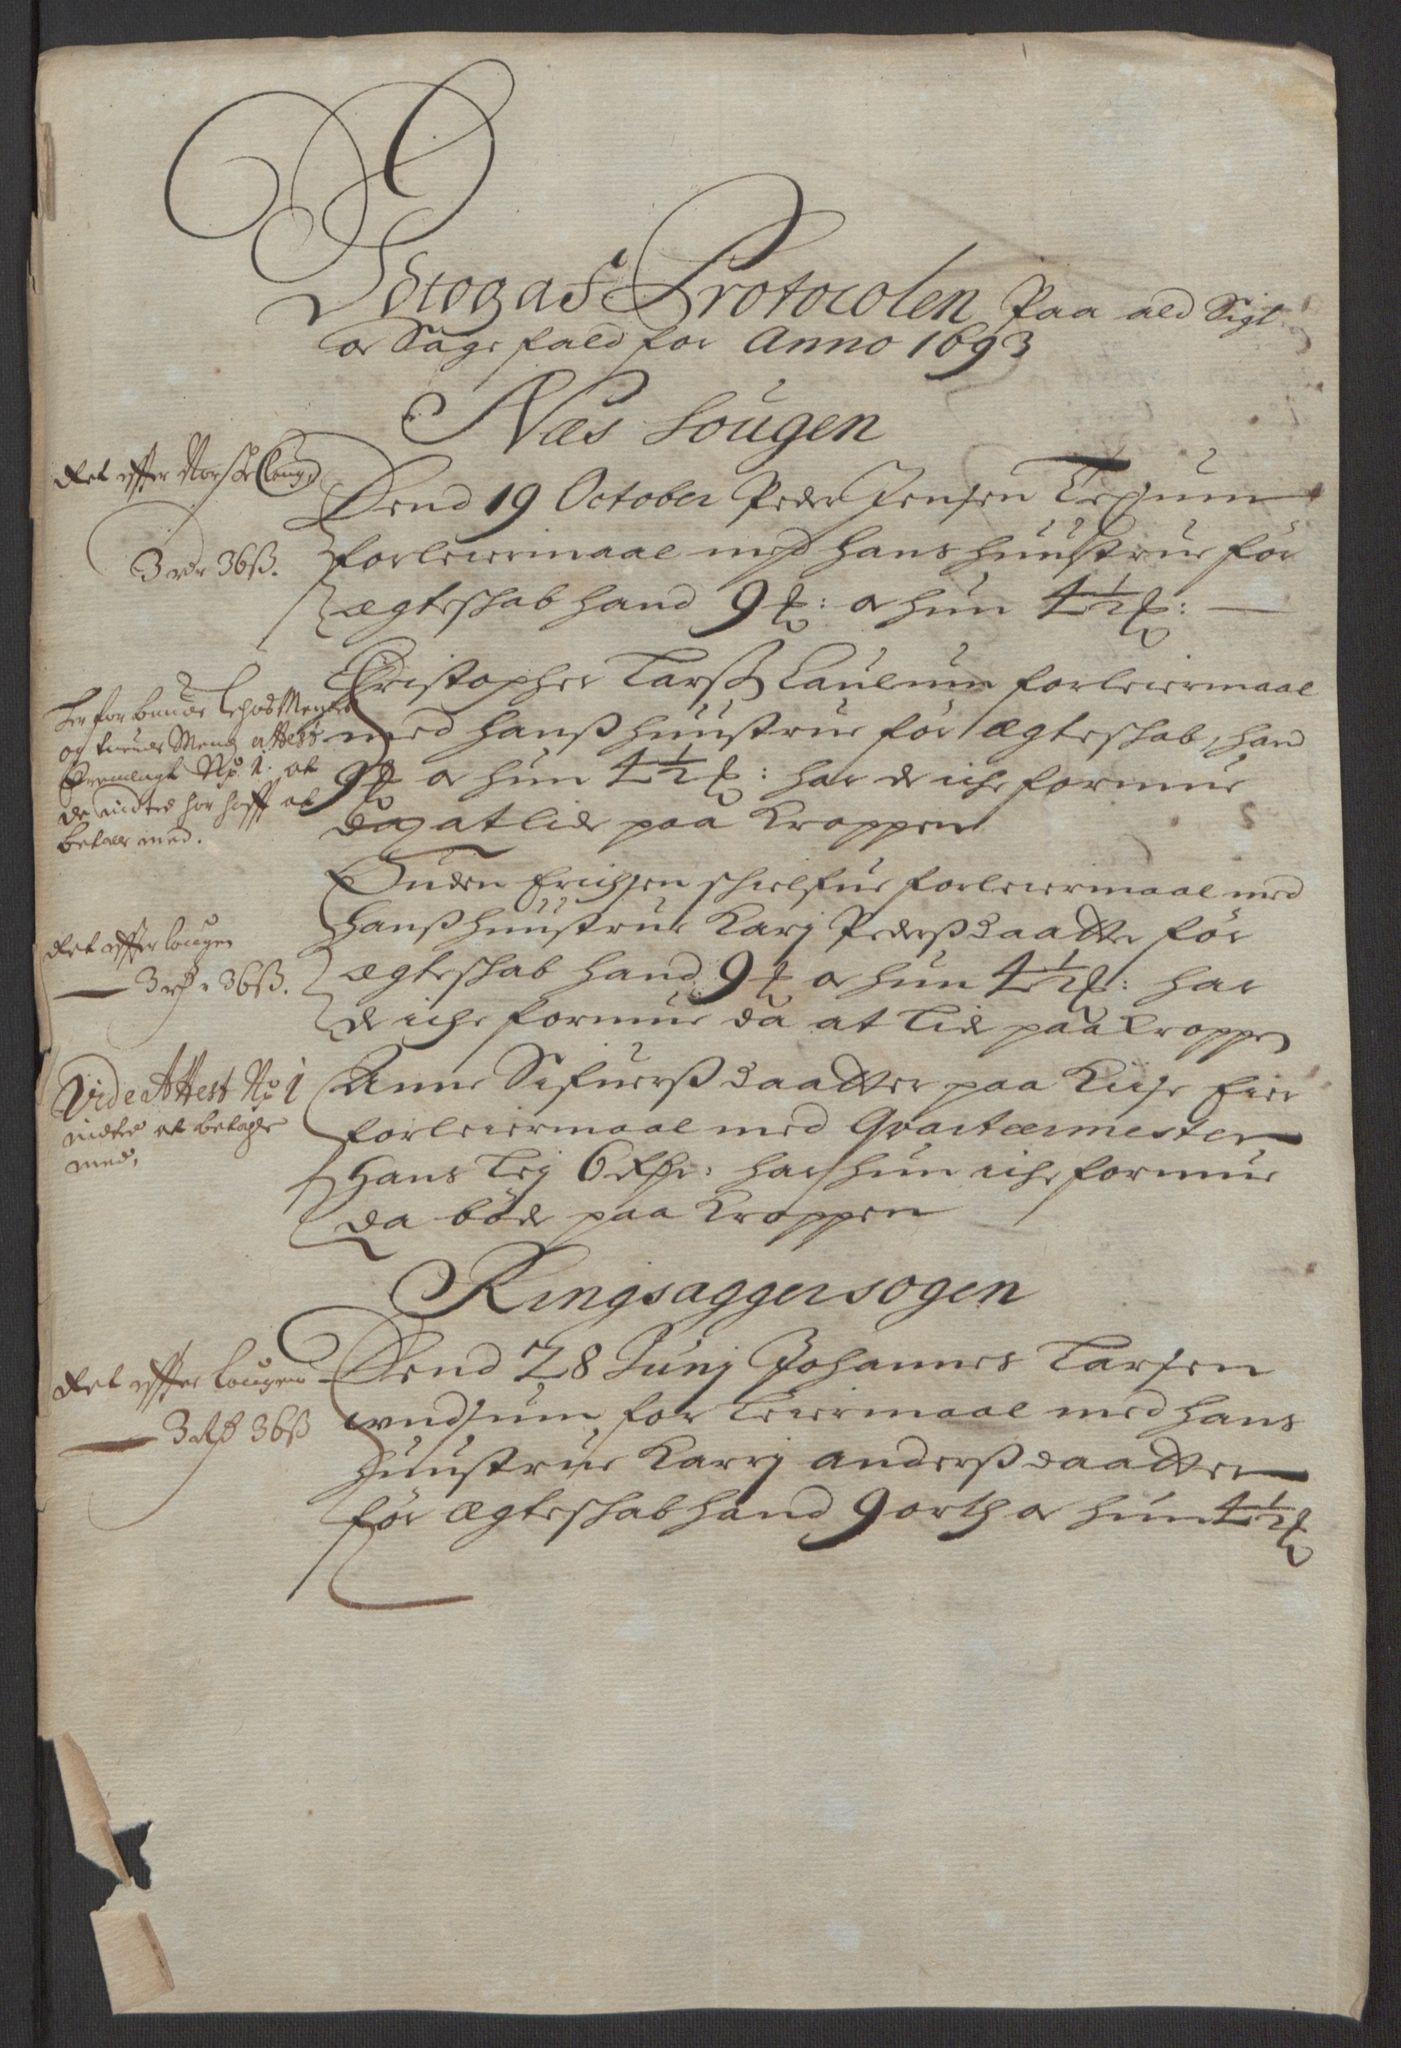 RA, Rentekammeret inntil 1814, Reviderte regnskaper, Fogderegnskap, R16/L1034: Fogderegnskap Hedmark, 1693, s. 220